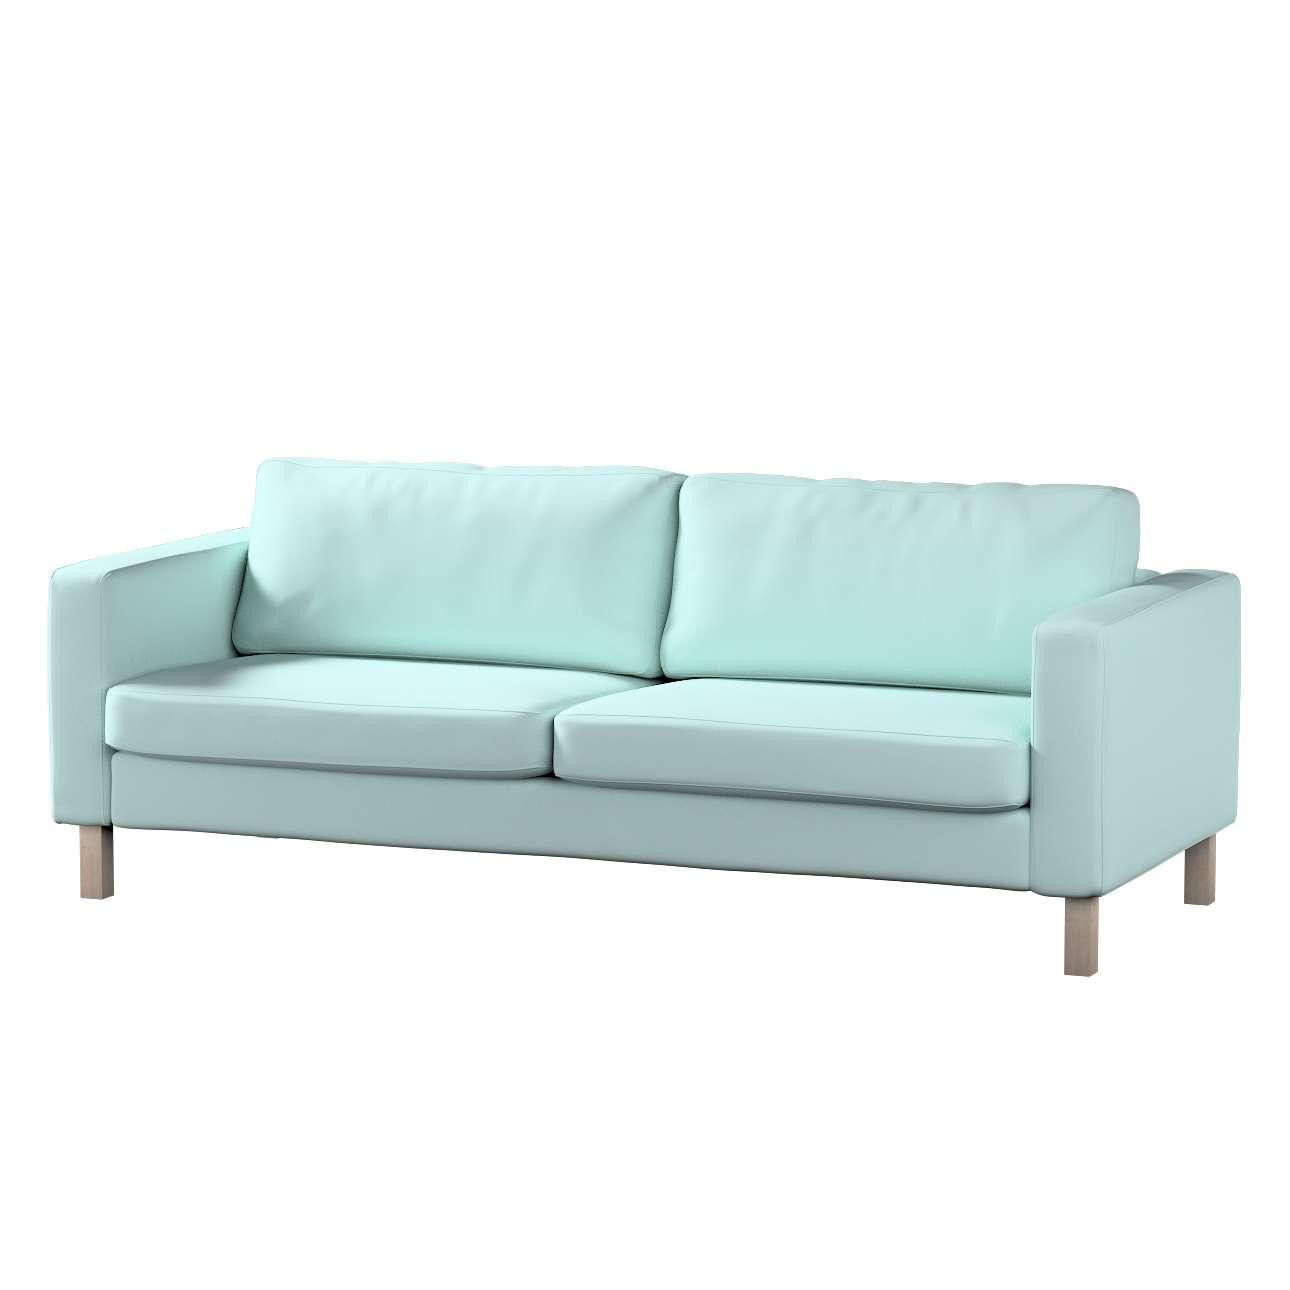 Potah na pohovku IKEA  Karlstad 3-místná, nerozkládací, krátký v kolekci Cotton Panama, látka: 702-10